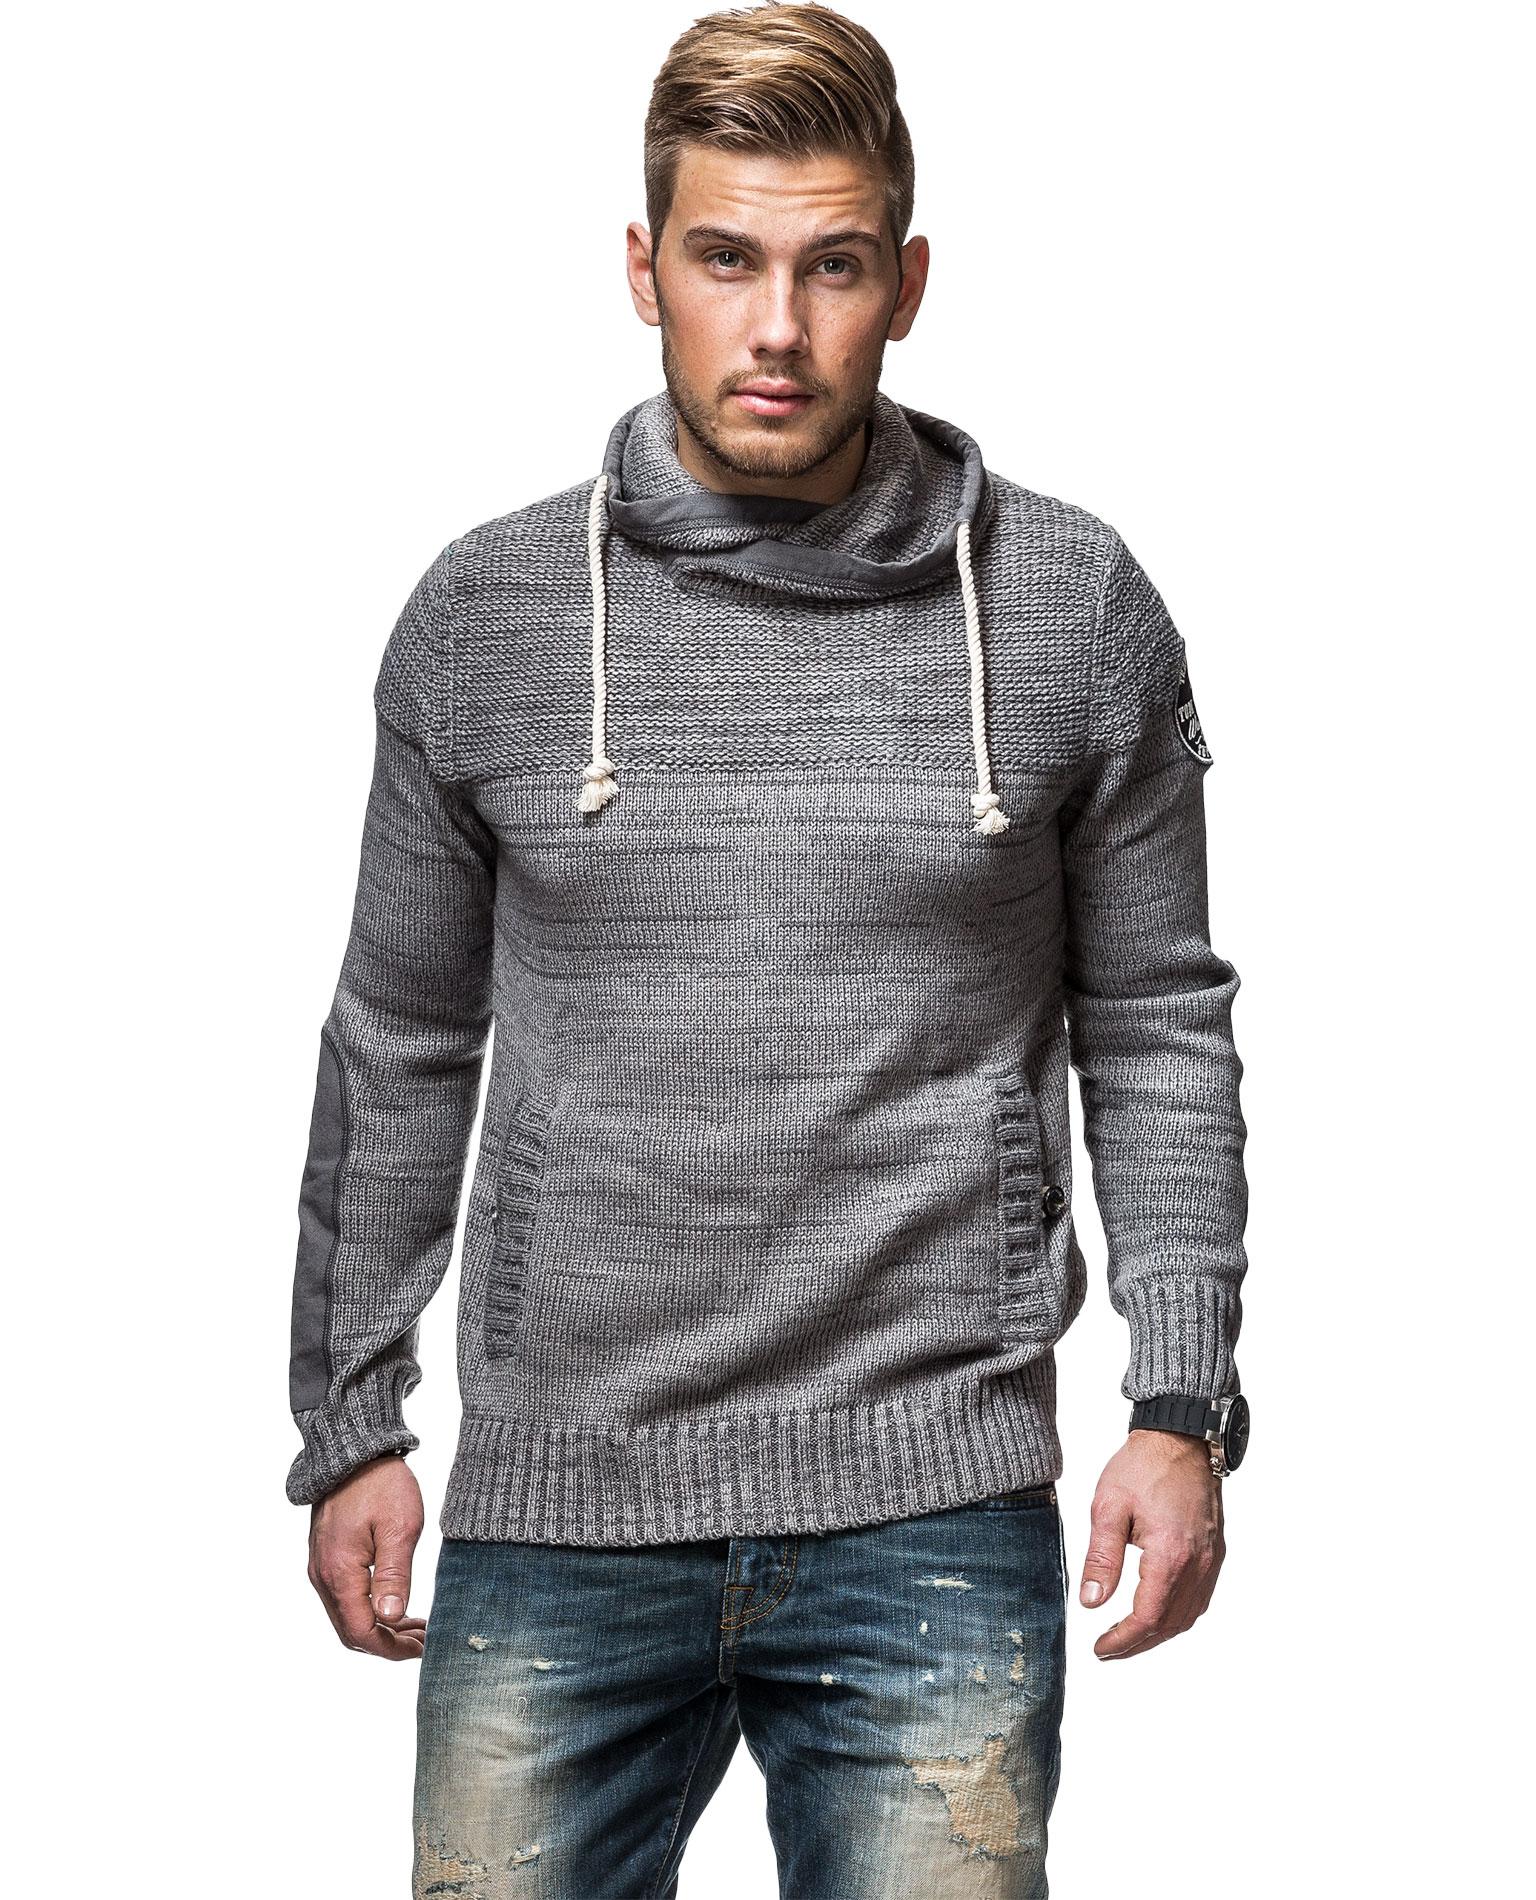 sailor style tom tailor 8257 jumpers. Black Bedroom Furniture Sets. Home Design Ideas